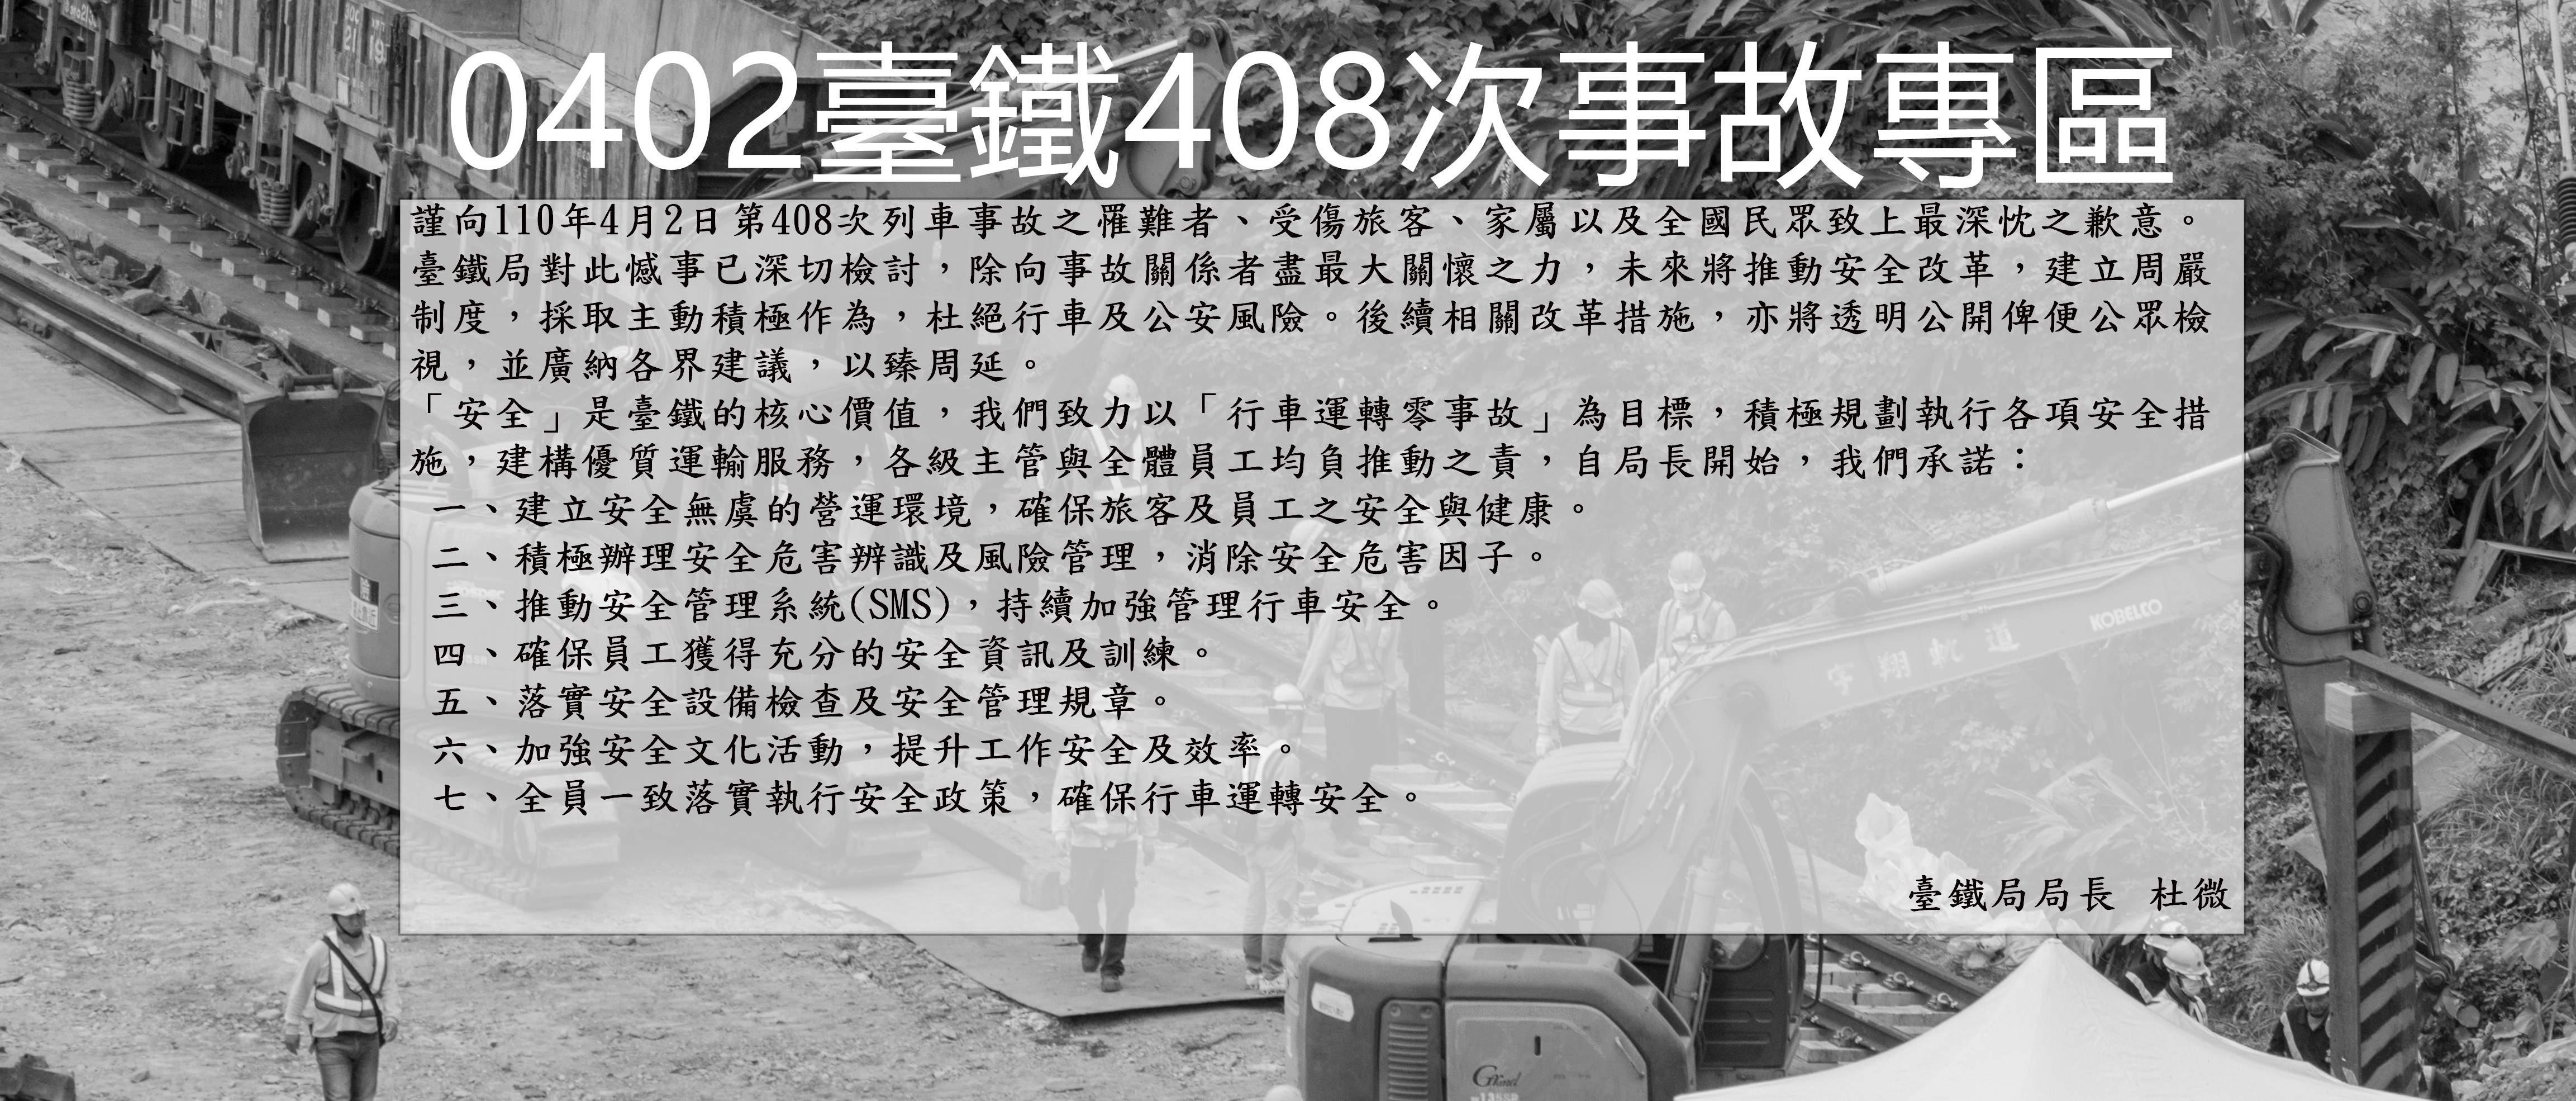 0402臺鐵408次事故專區